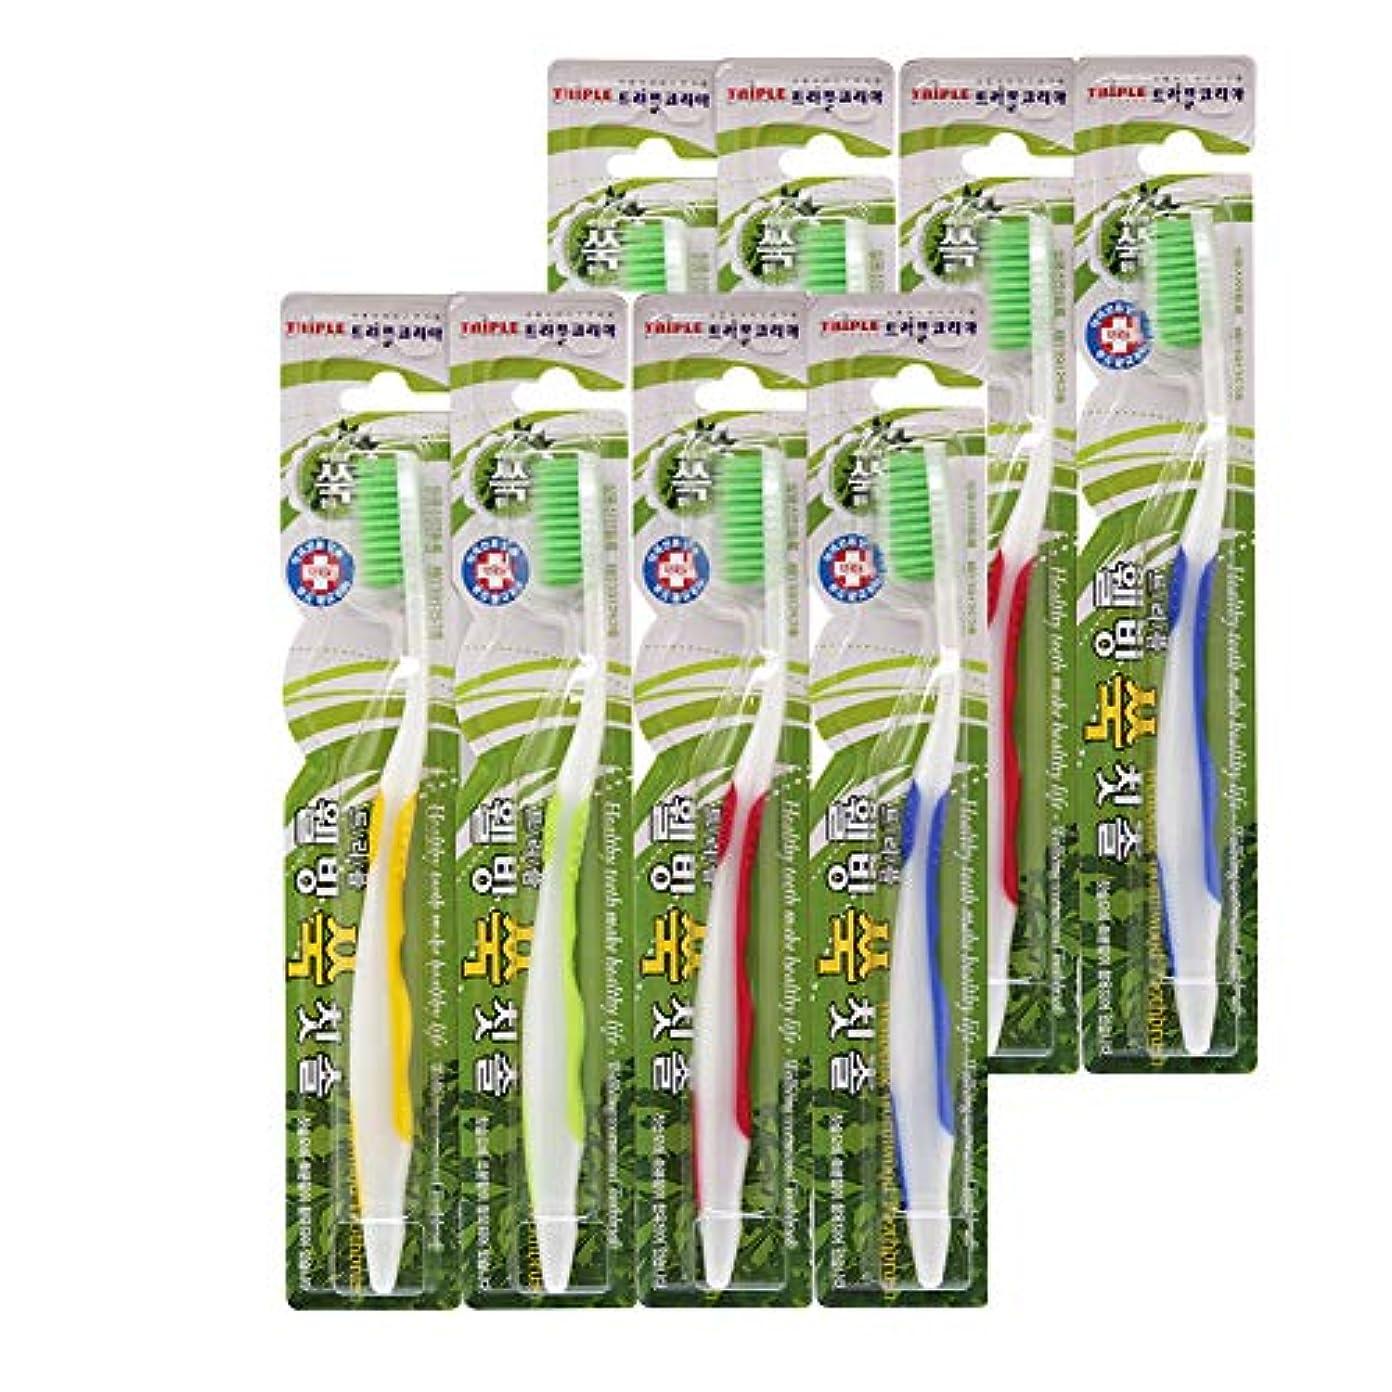 静かな人工的な偽装する【3Life(トリプルライフ)】よもぎグリーン歯ブラシ4本セット よもぎ成分配合 100%極細毛 抗菌毛 (ウェルビーイングよもぎ歯ブラシ8個セット)